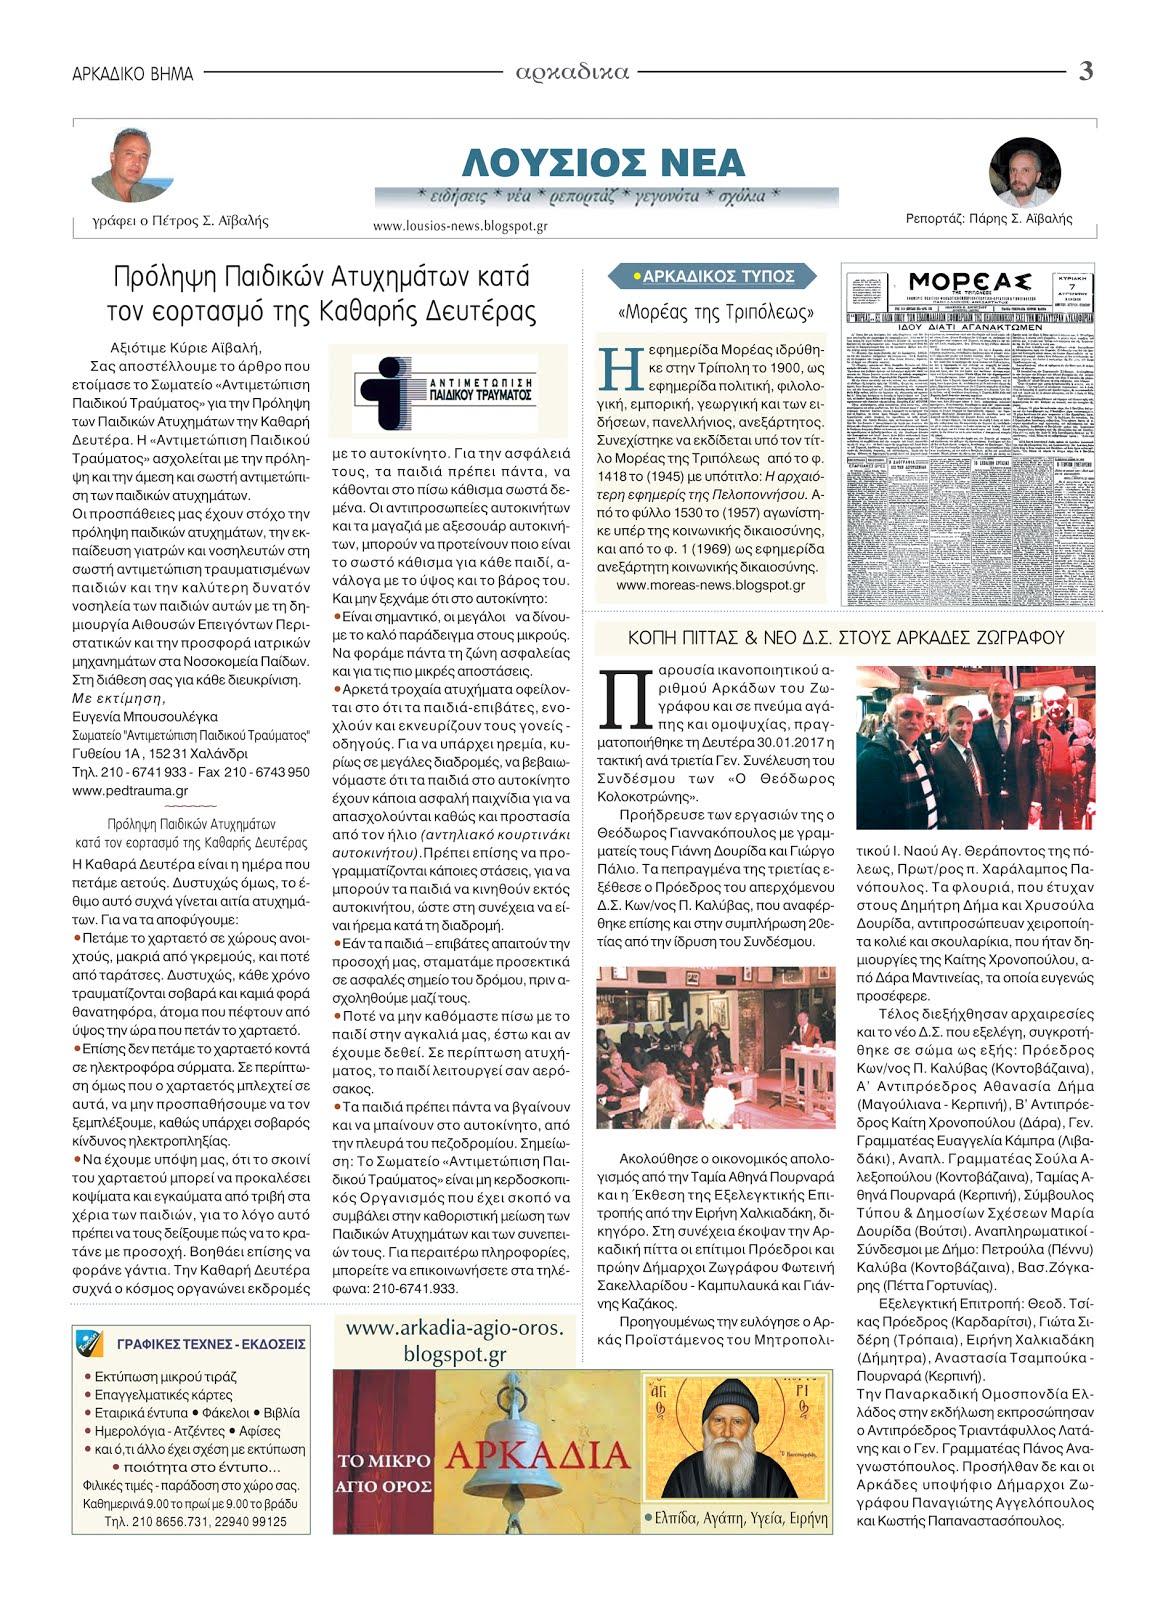 ΛΟΥΣΙΟΣ ΝΕΑ ένθετο στην εφημερίδα Αρκαδικό Βήμα